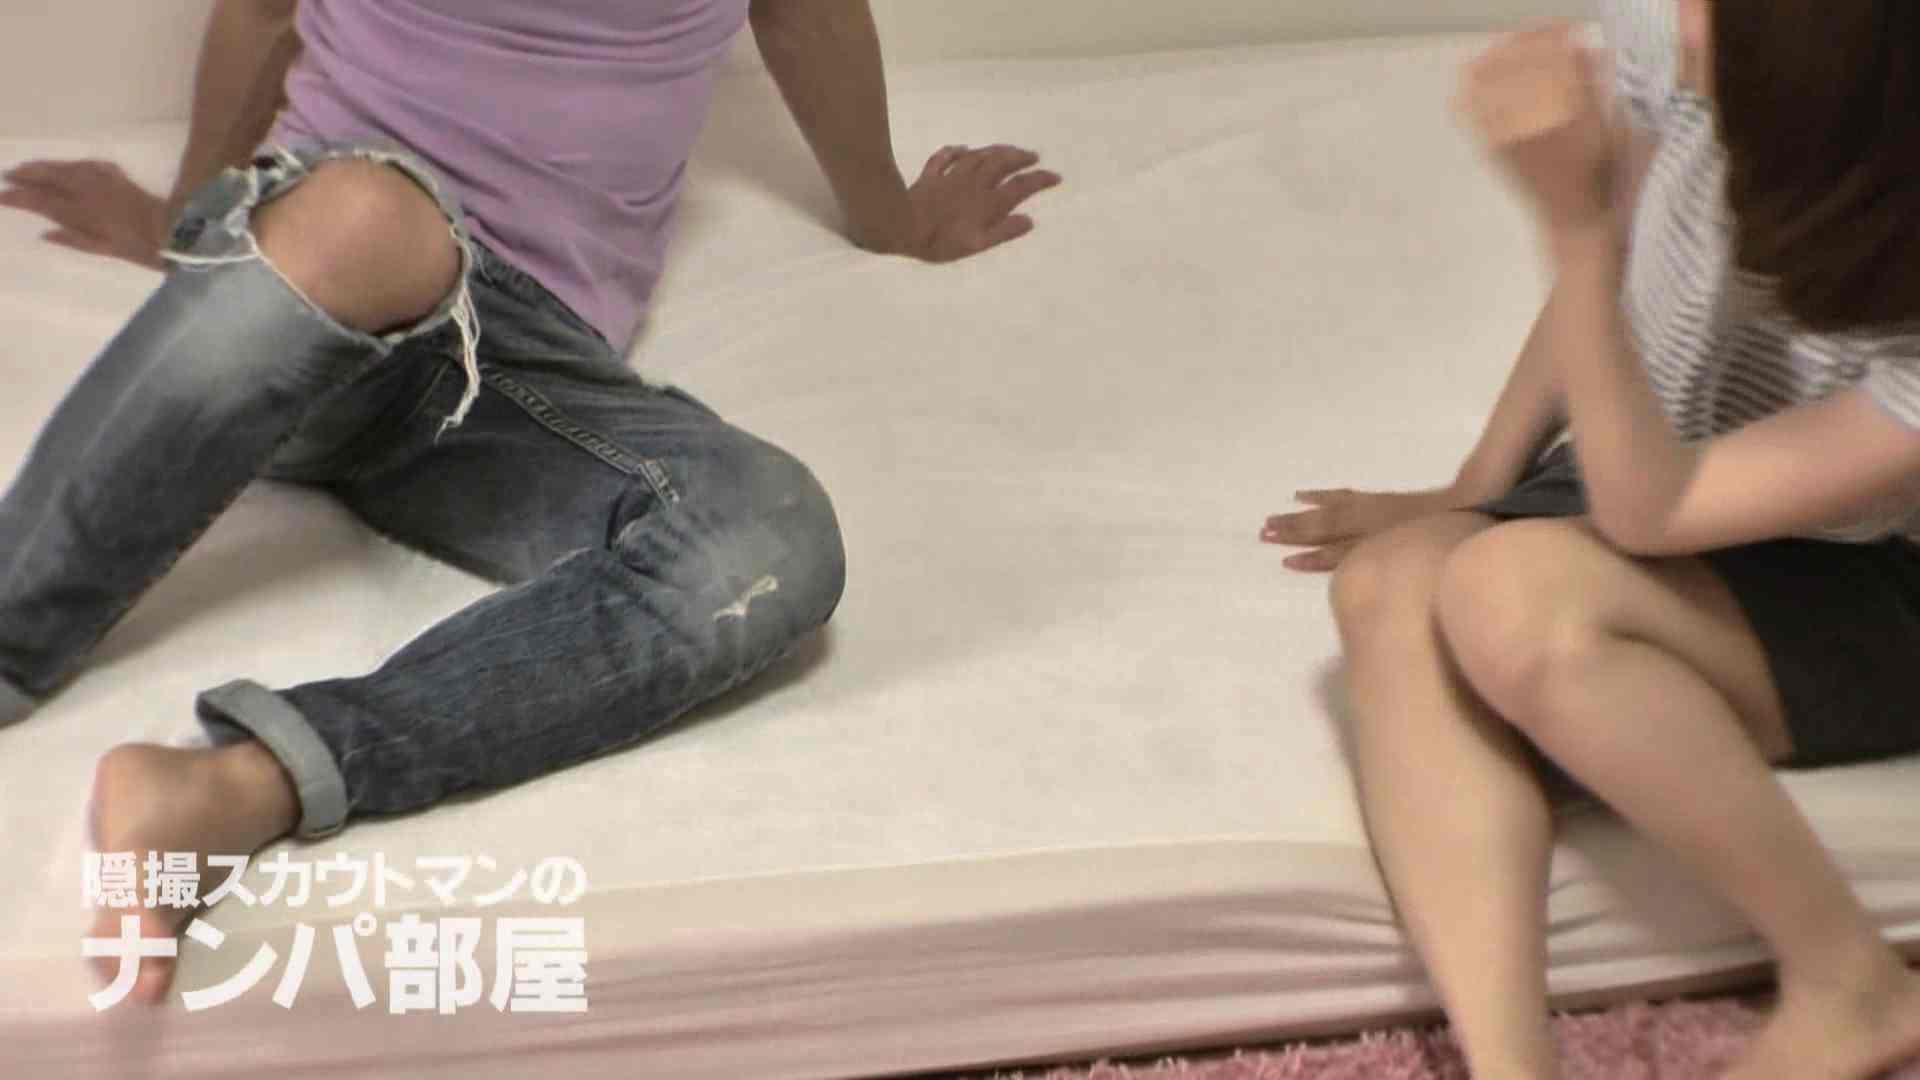 隠撮スカウトマンのナンパ部屋~風俗デビュー前のつまみ食い~ siivol.3 SEX  76pic 28